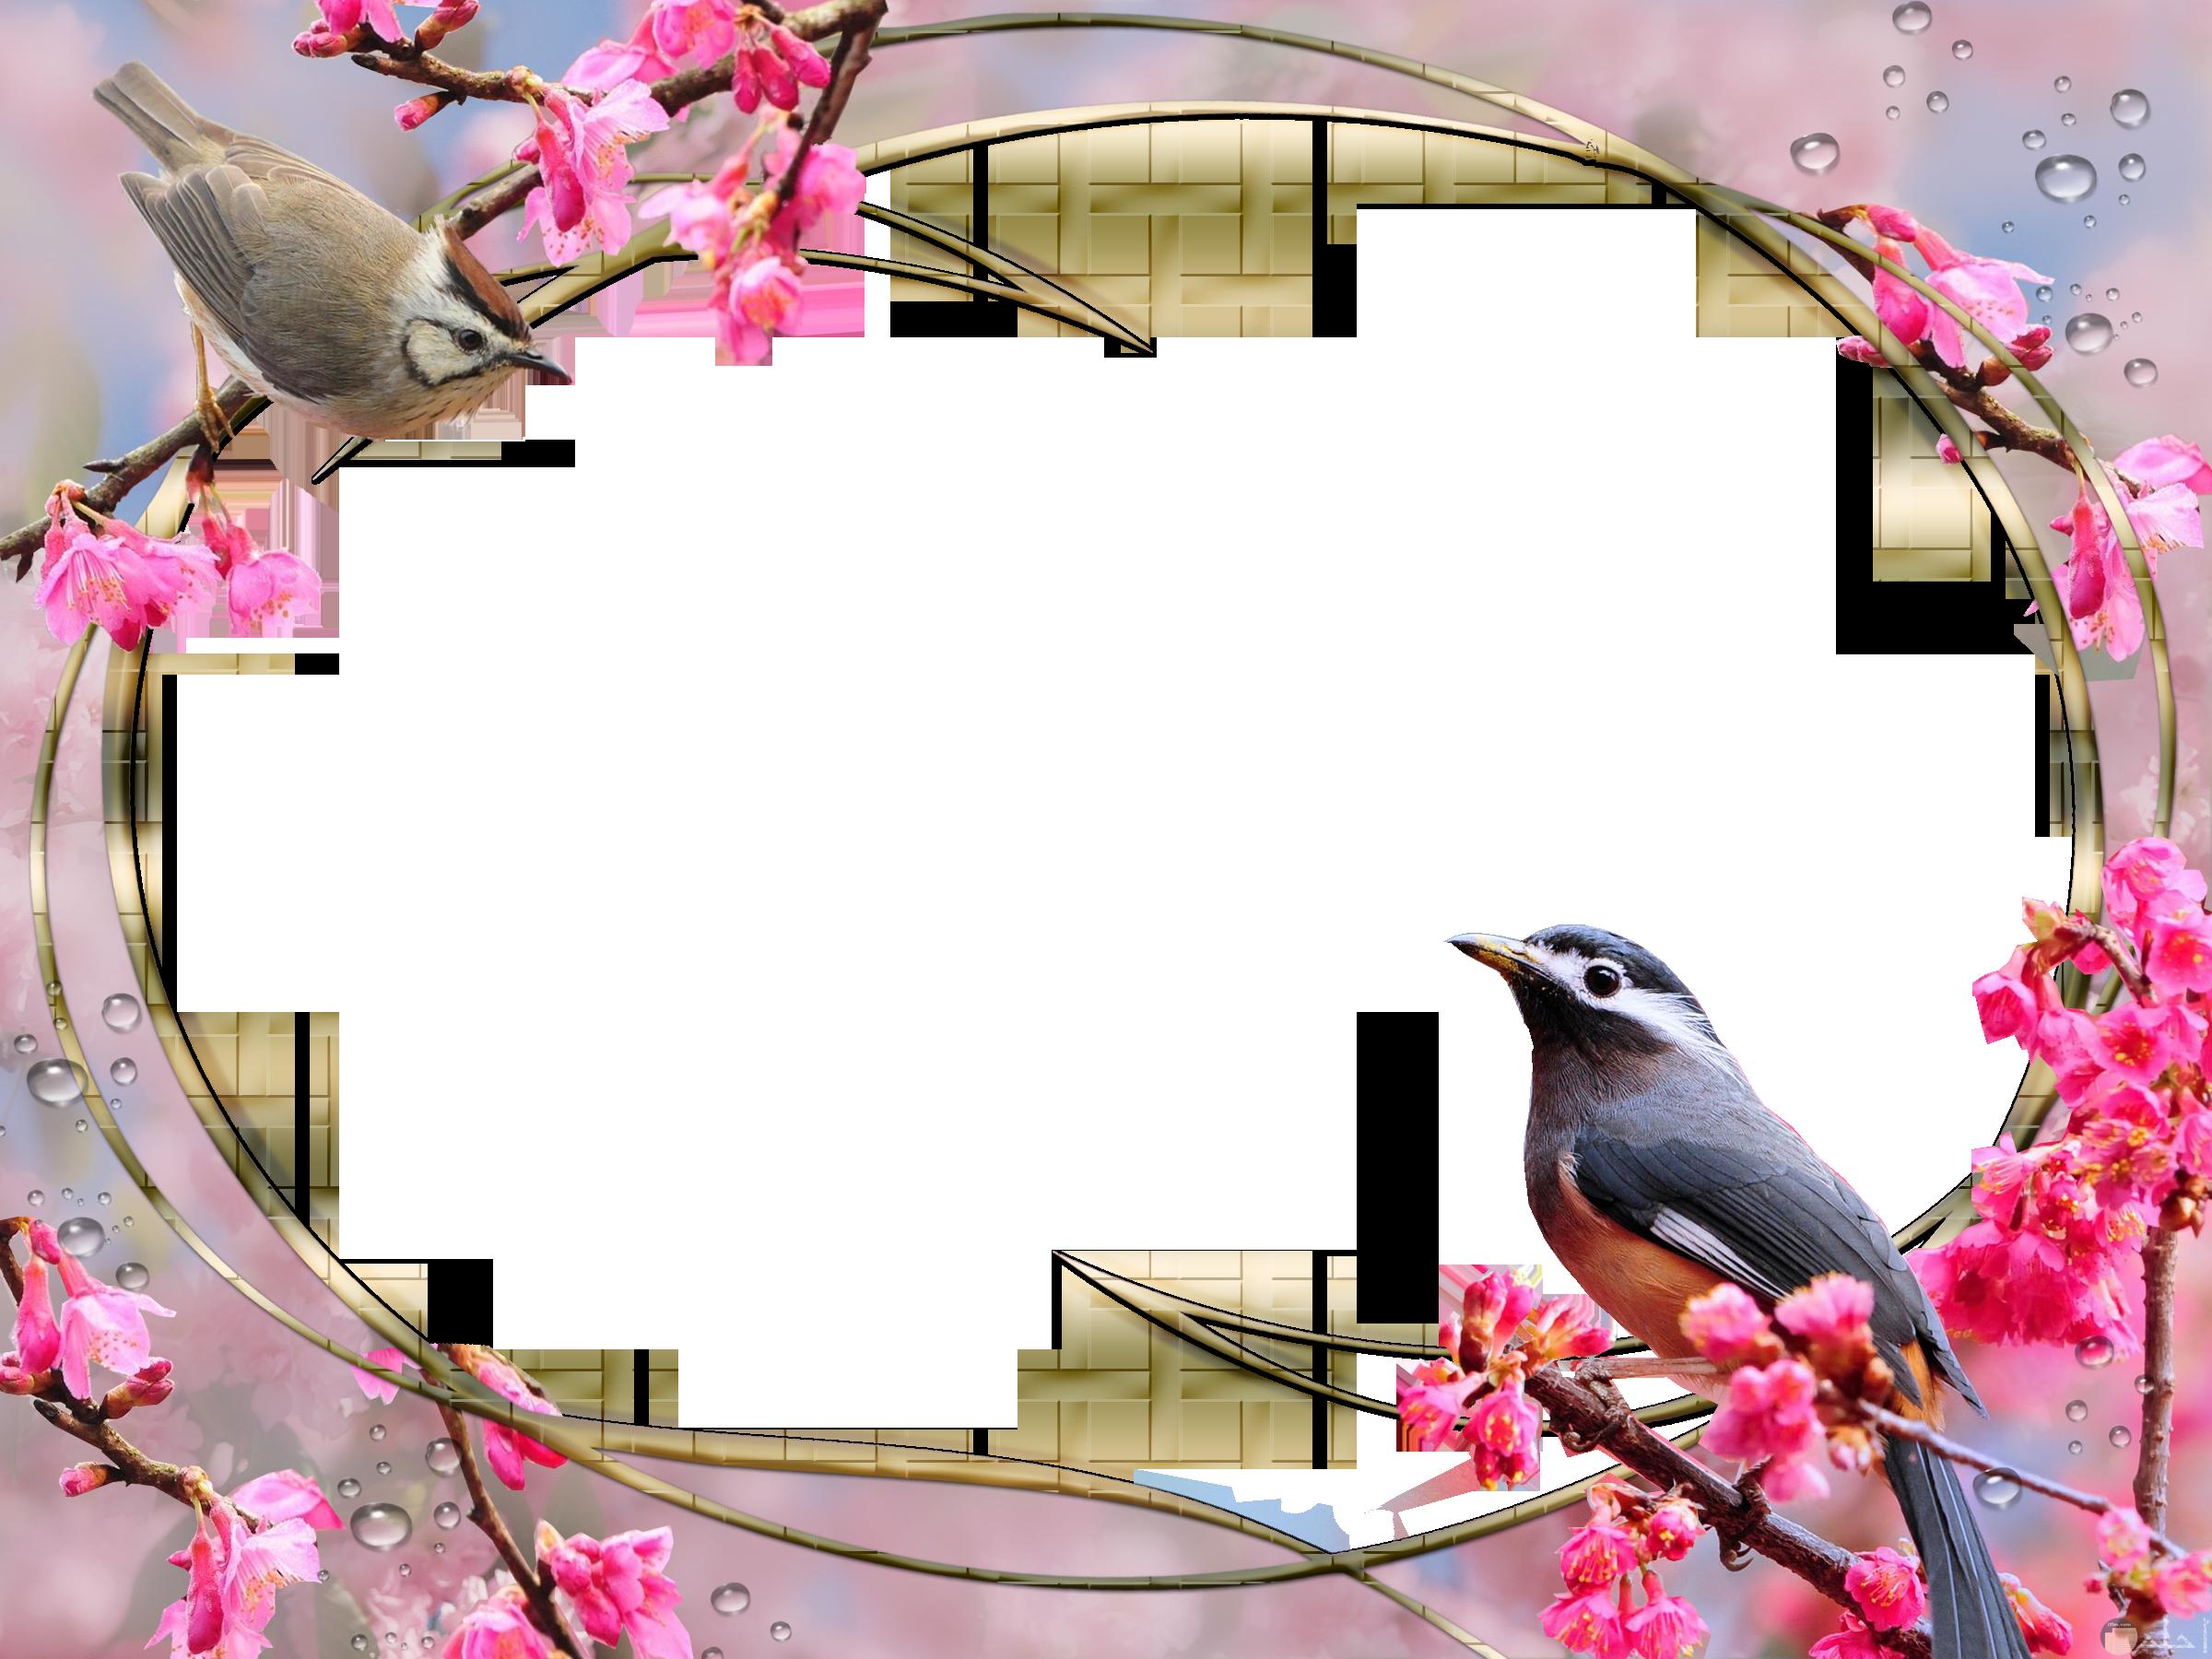 اطار صورة مزين بالعصافير و الورد.